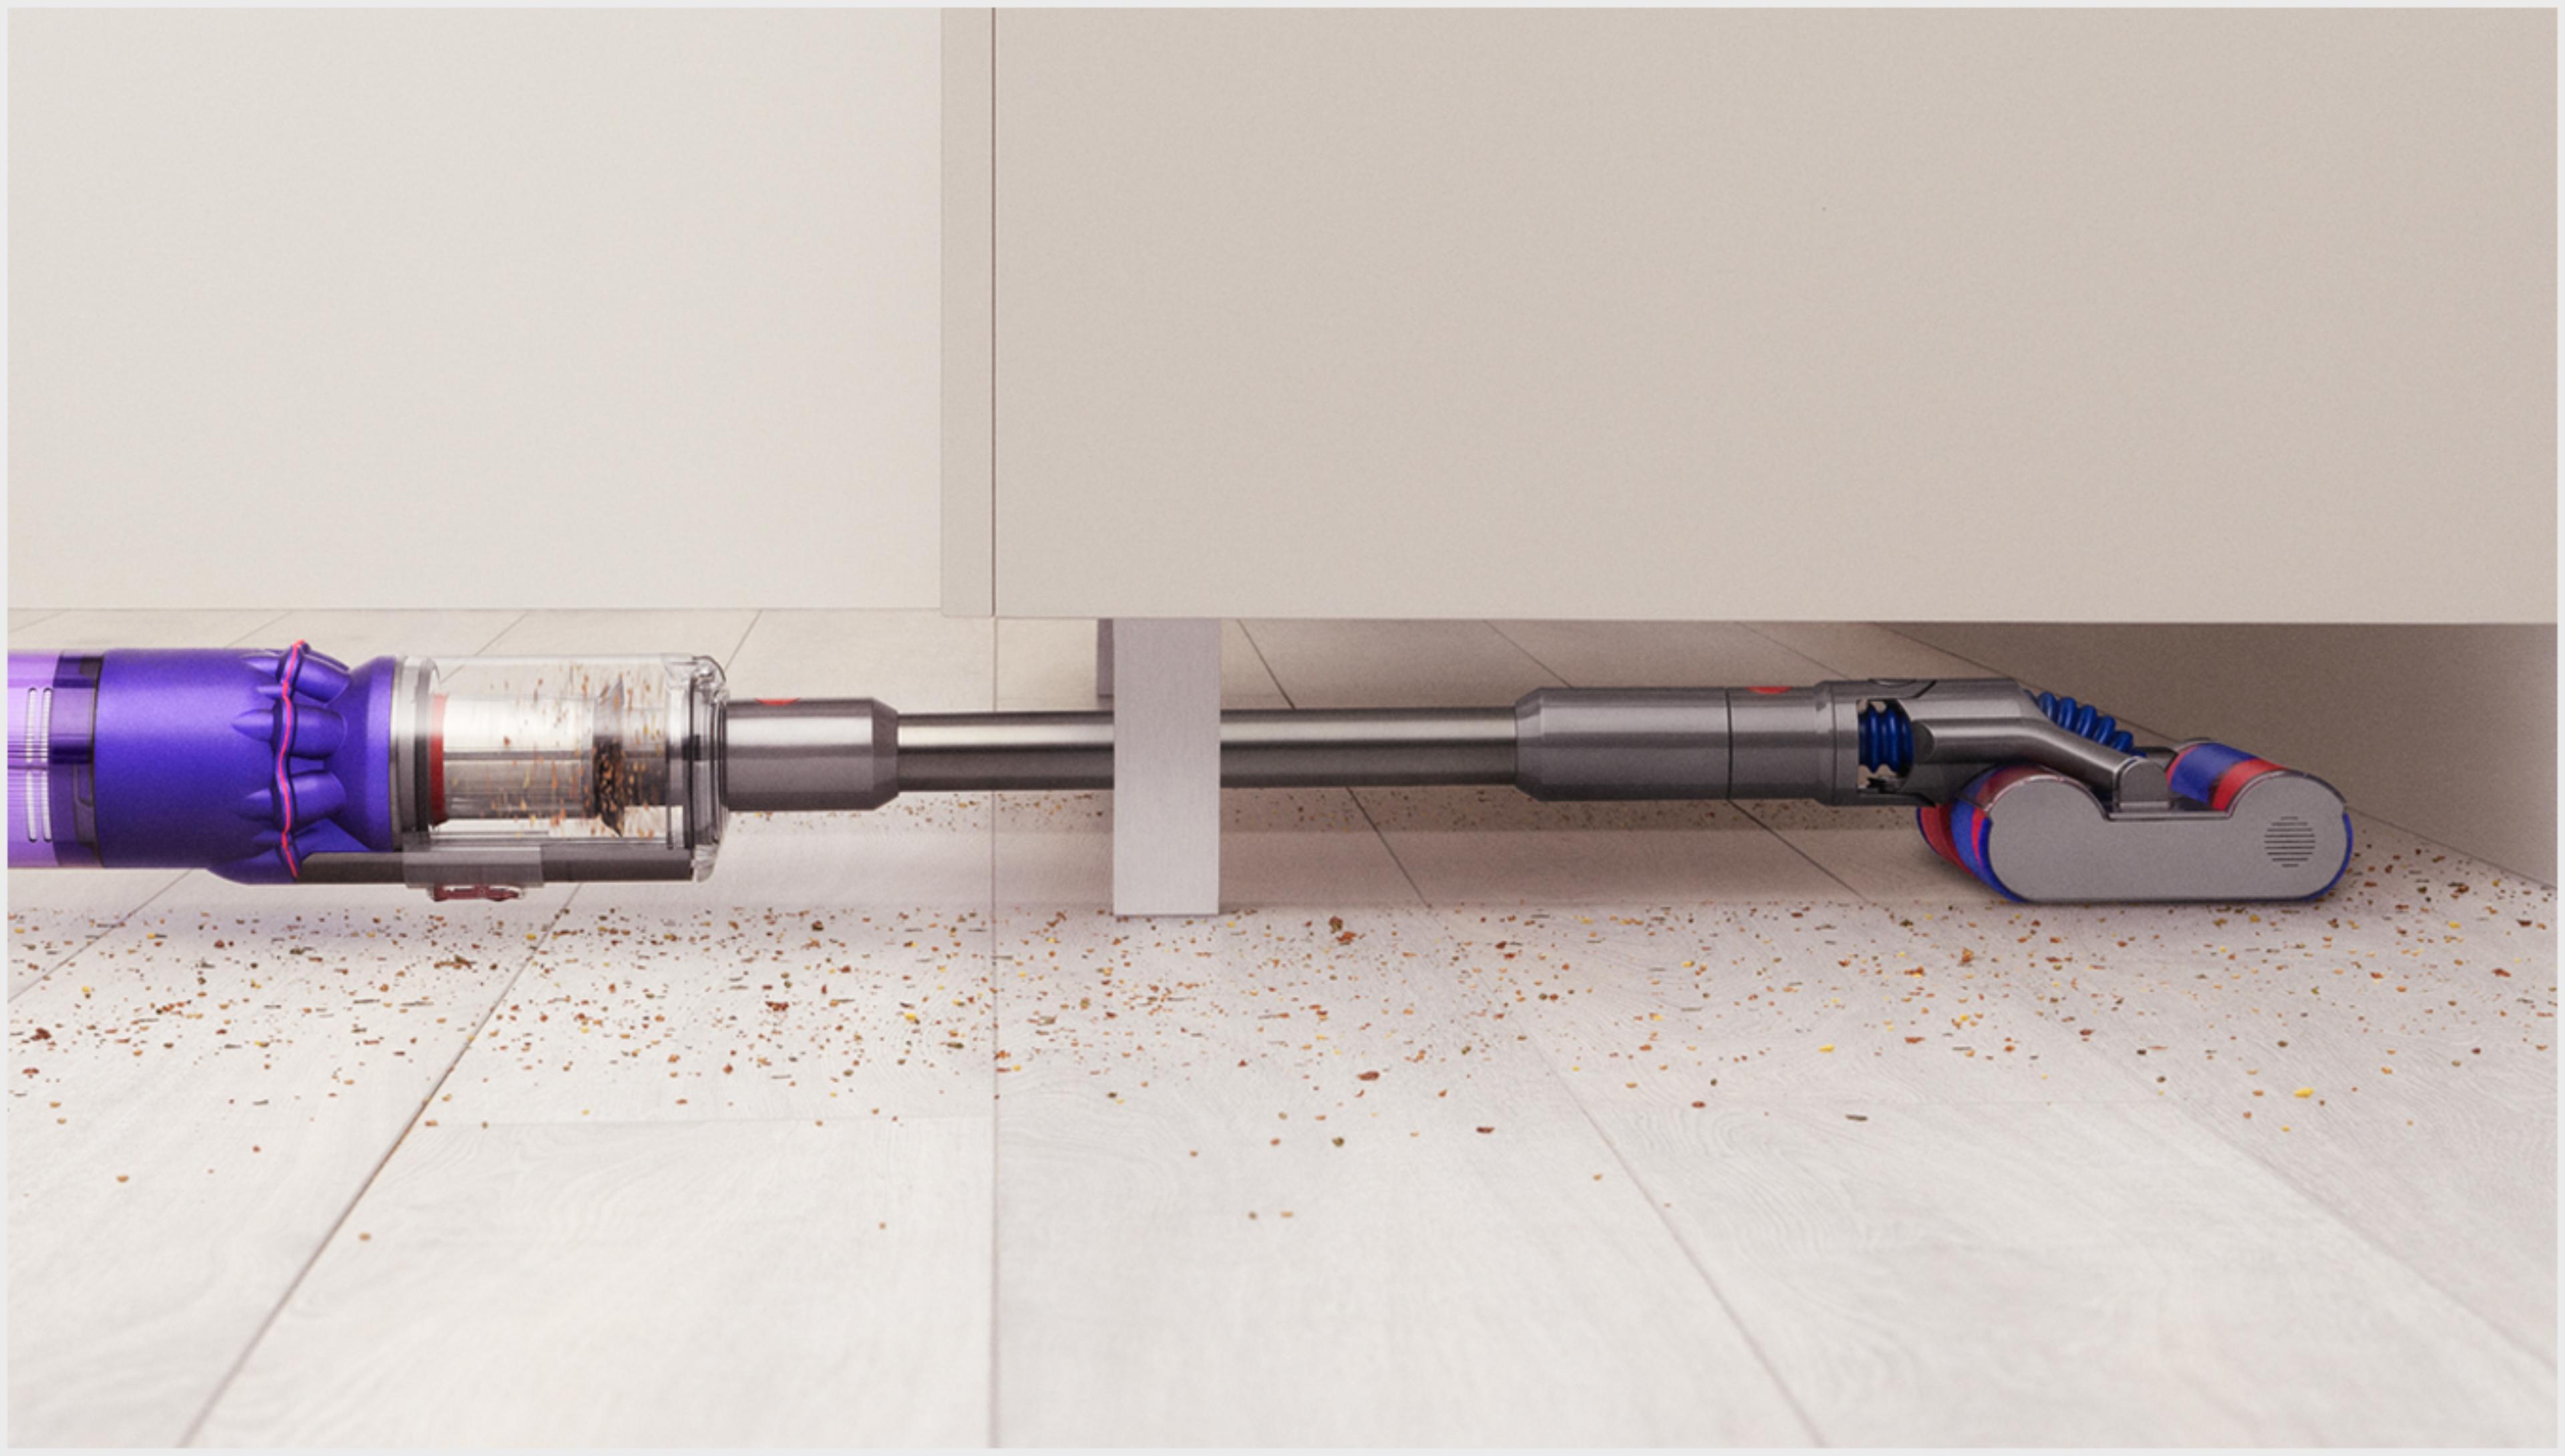 다이슨 옴니-글라이드™+ 무선 청소기로 낮은 가구 아래를 청소하는 모습.